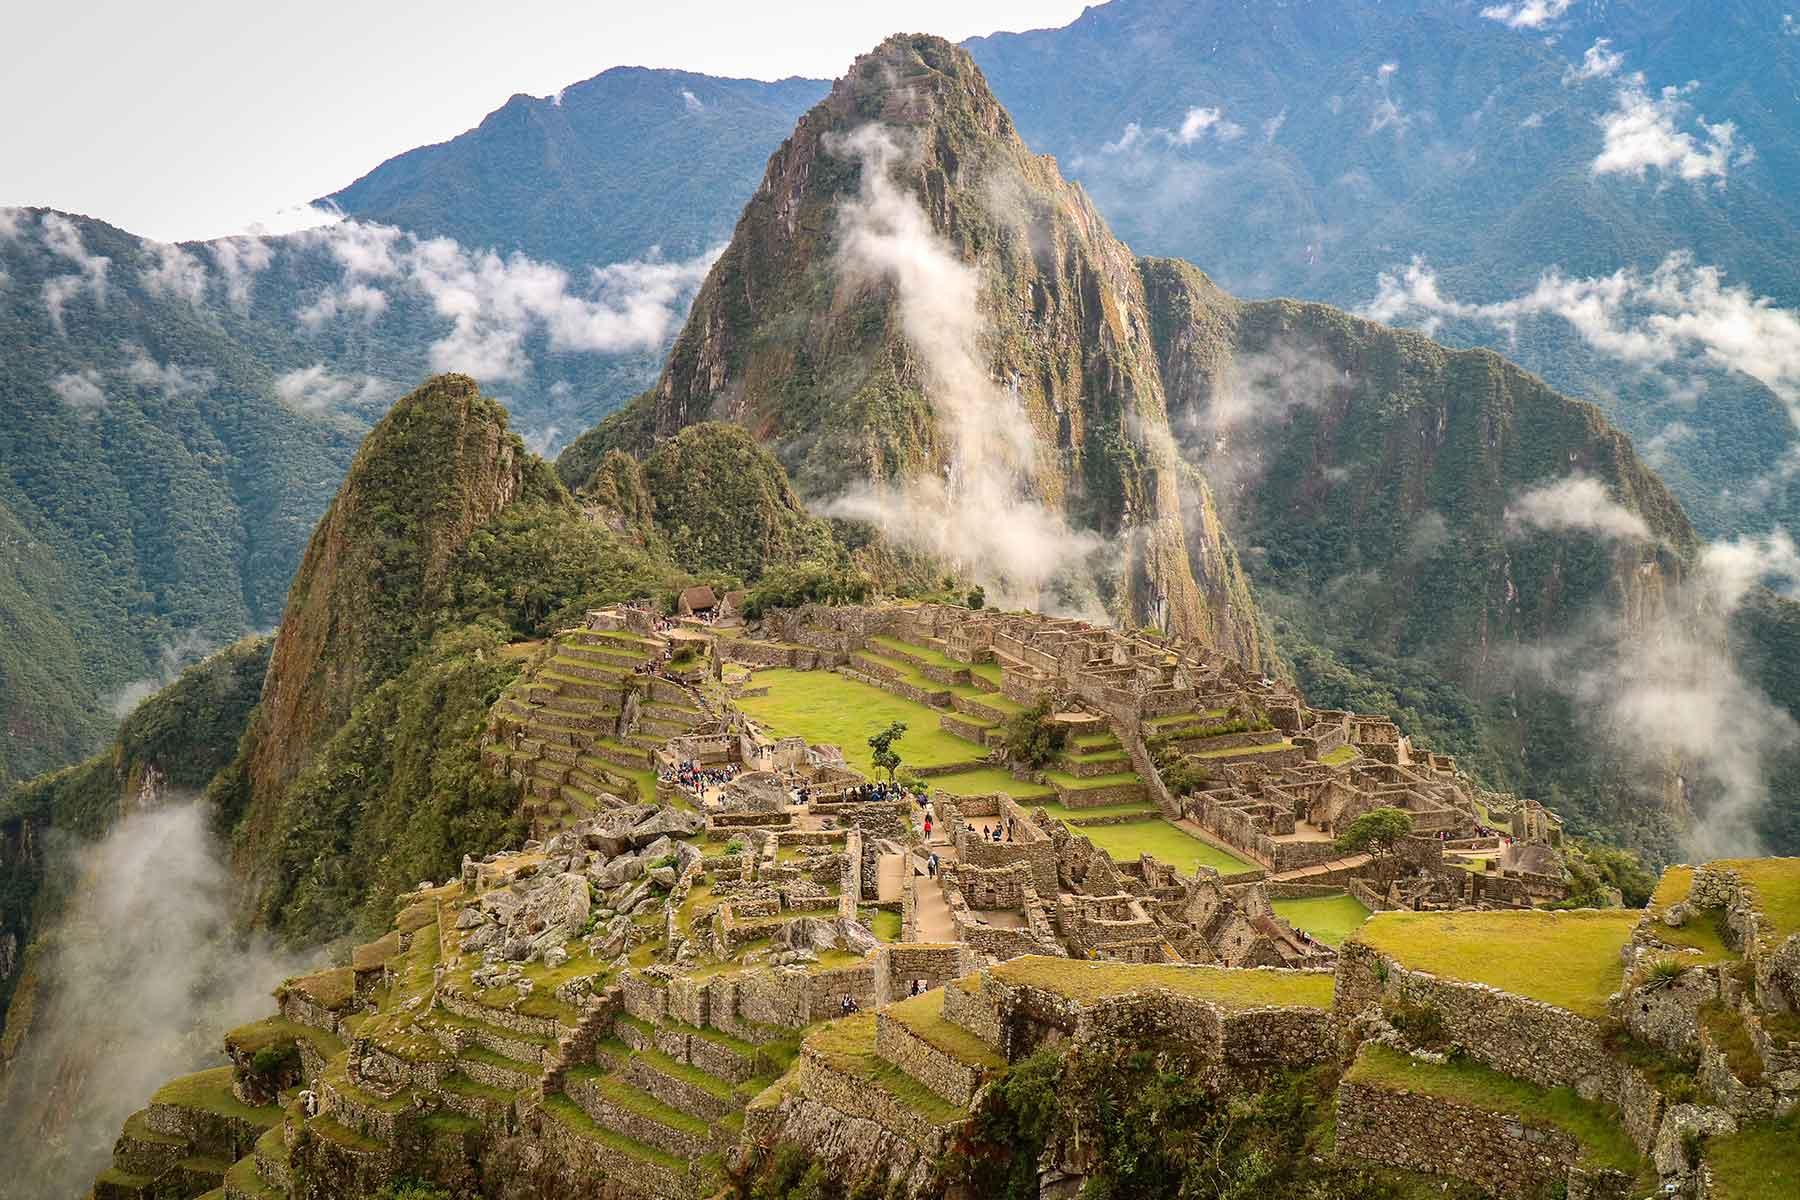 Resor-till-Peru-med-Nygren-&-Lind-Resebyrå---Machu-Picchu-Inkaruiner